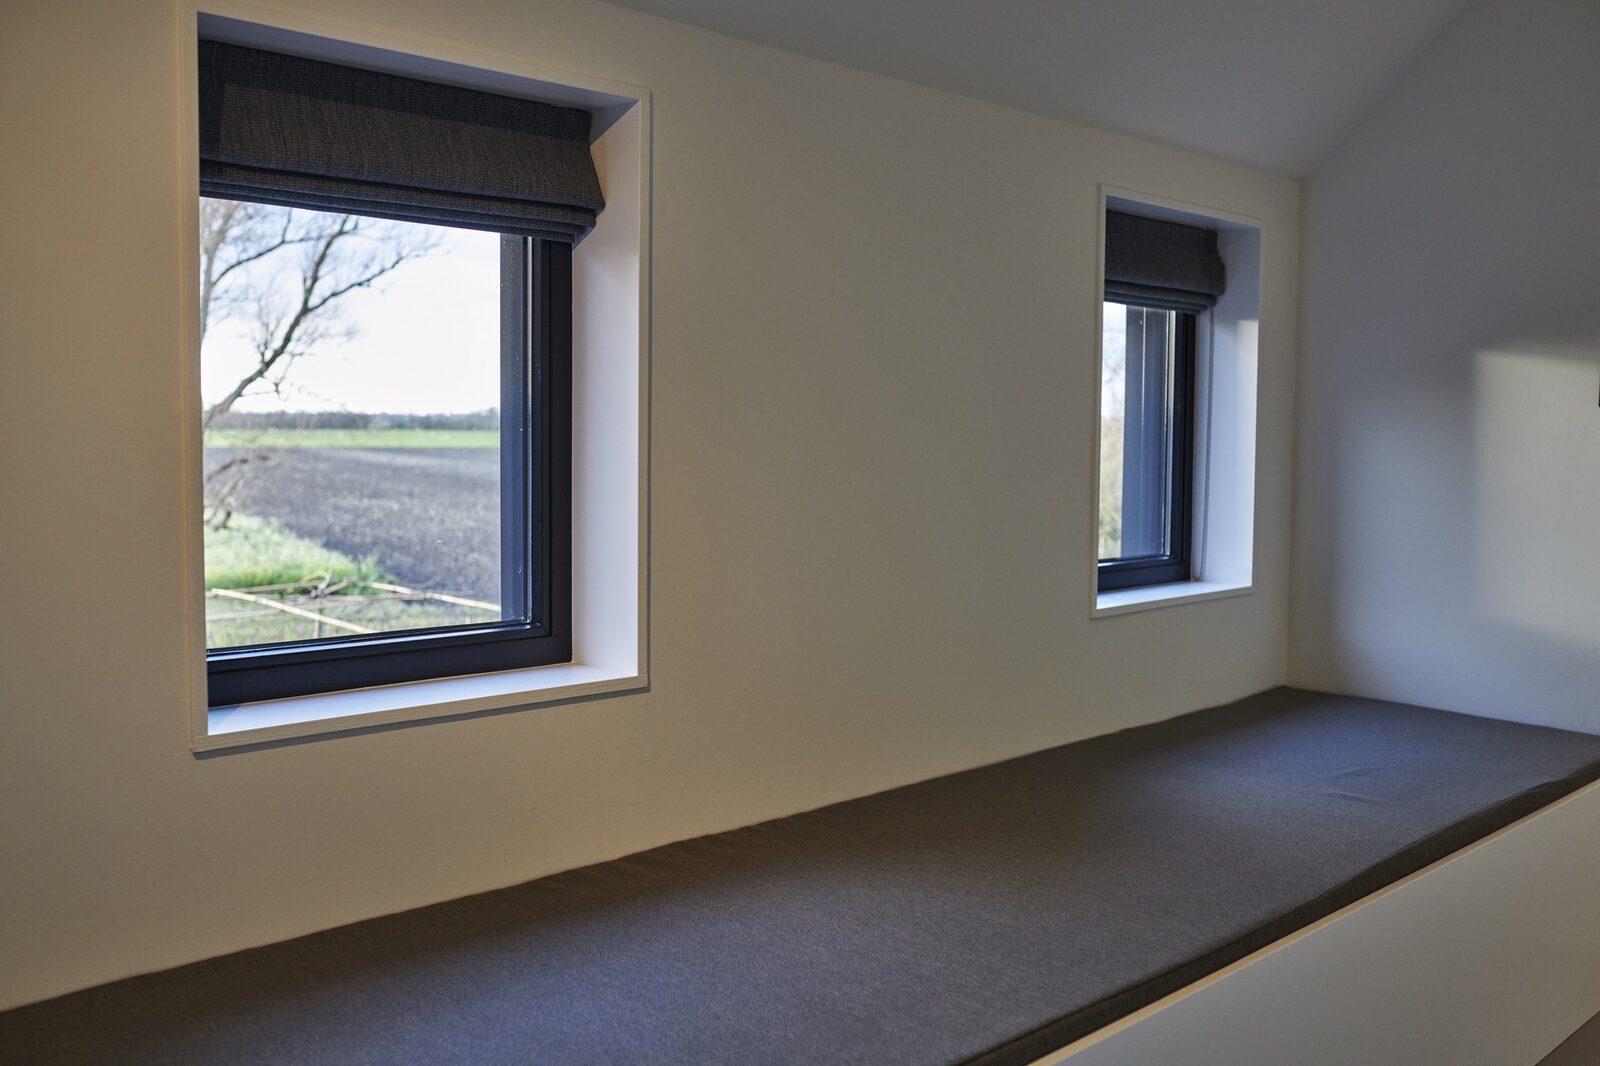 Vergaderhuis Zeeland - Mariekerke 7   Mariekerke